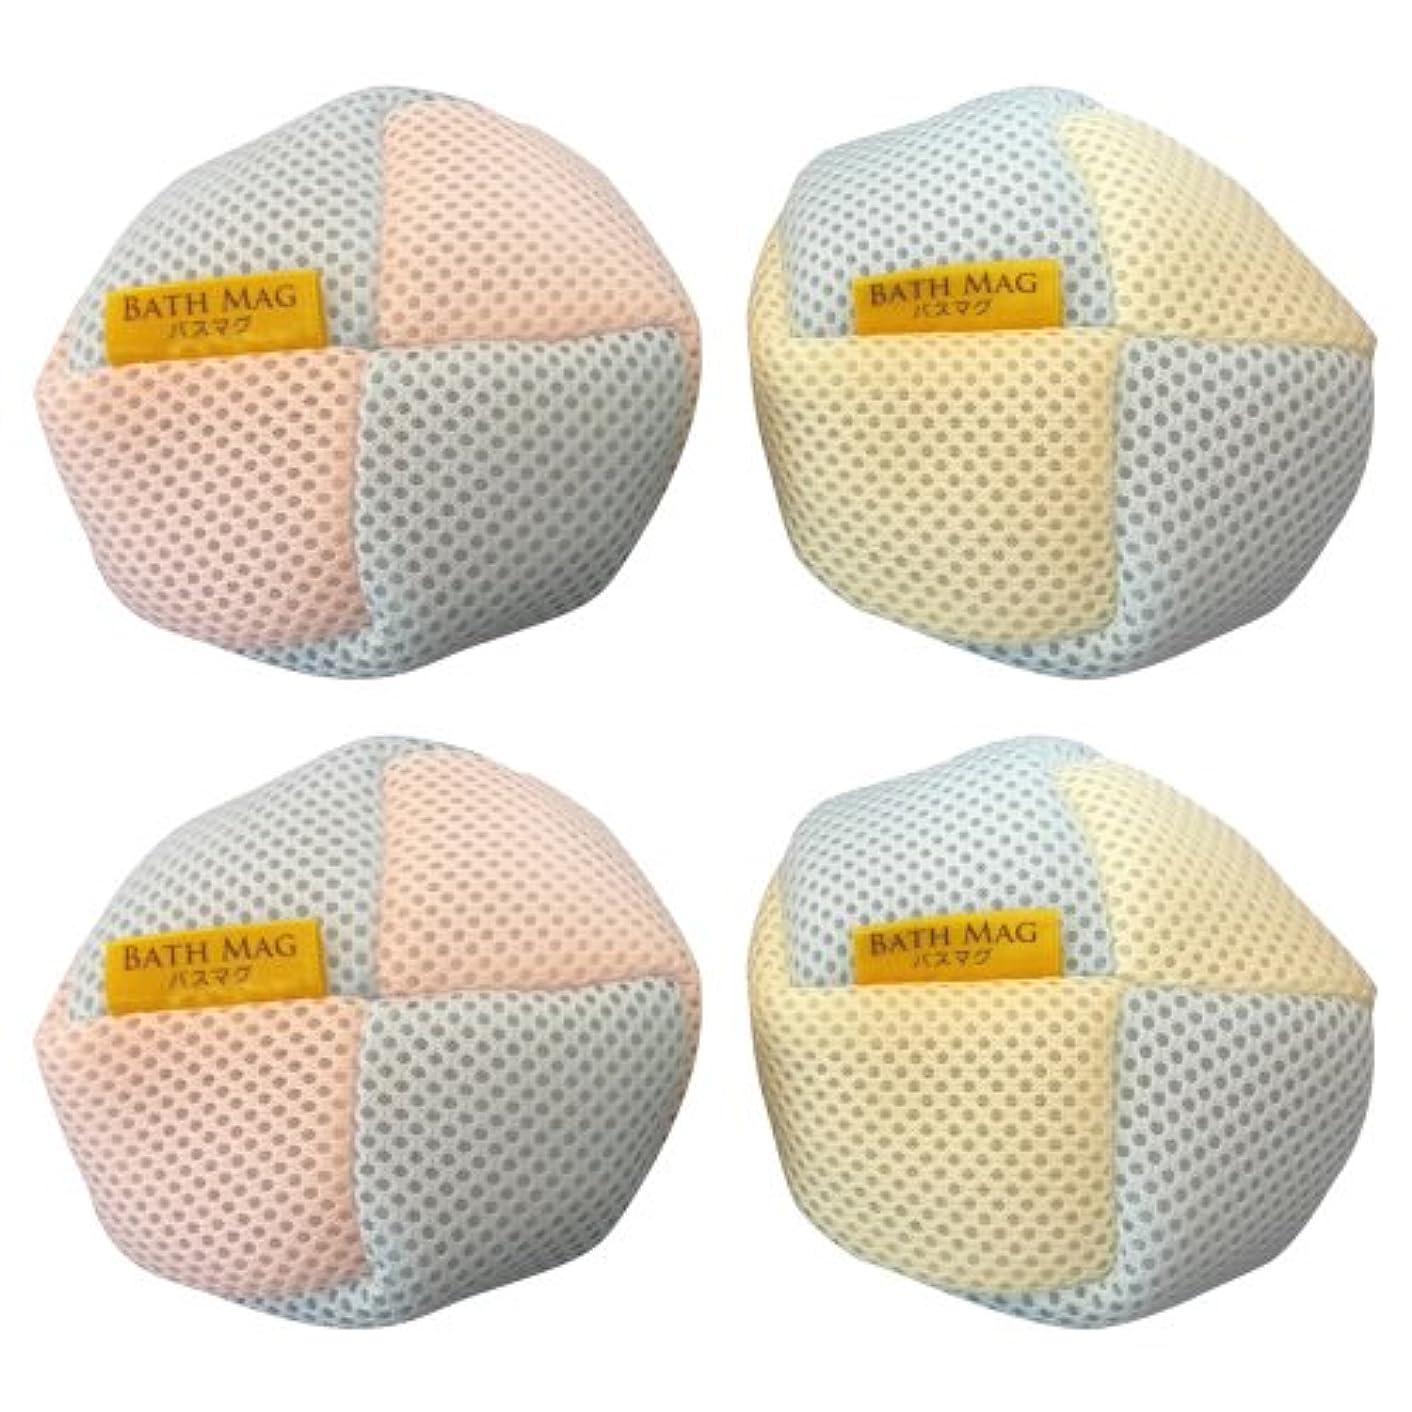 市長実質的カウンターパートBATH MAG マグネシウムde水素浴(バスマグ)2個入り×2箱セット(計4個)